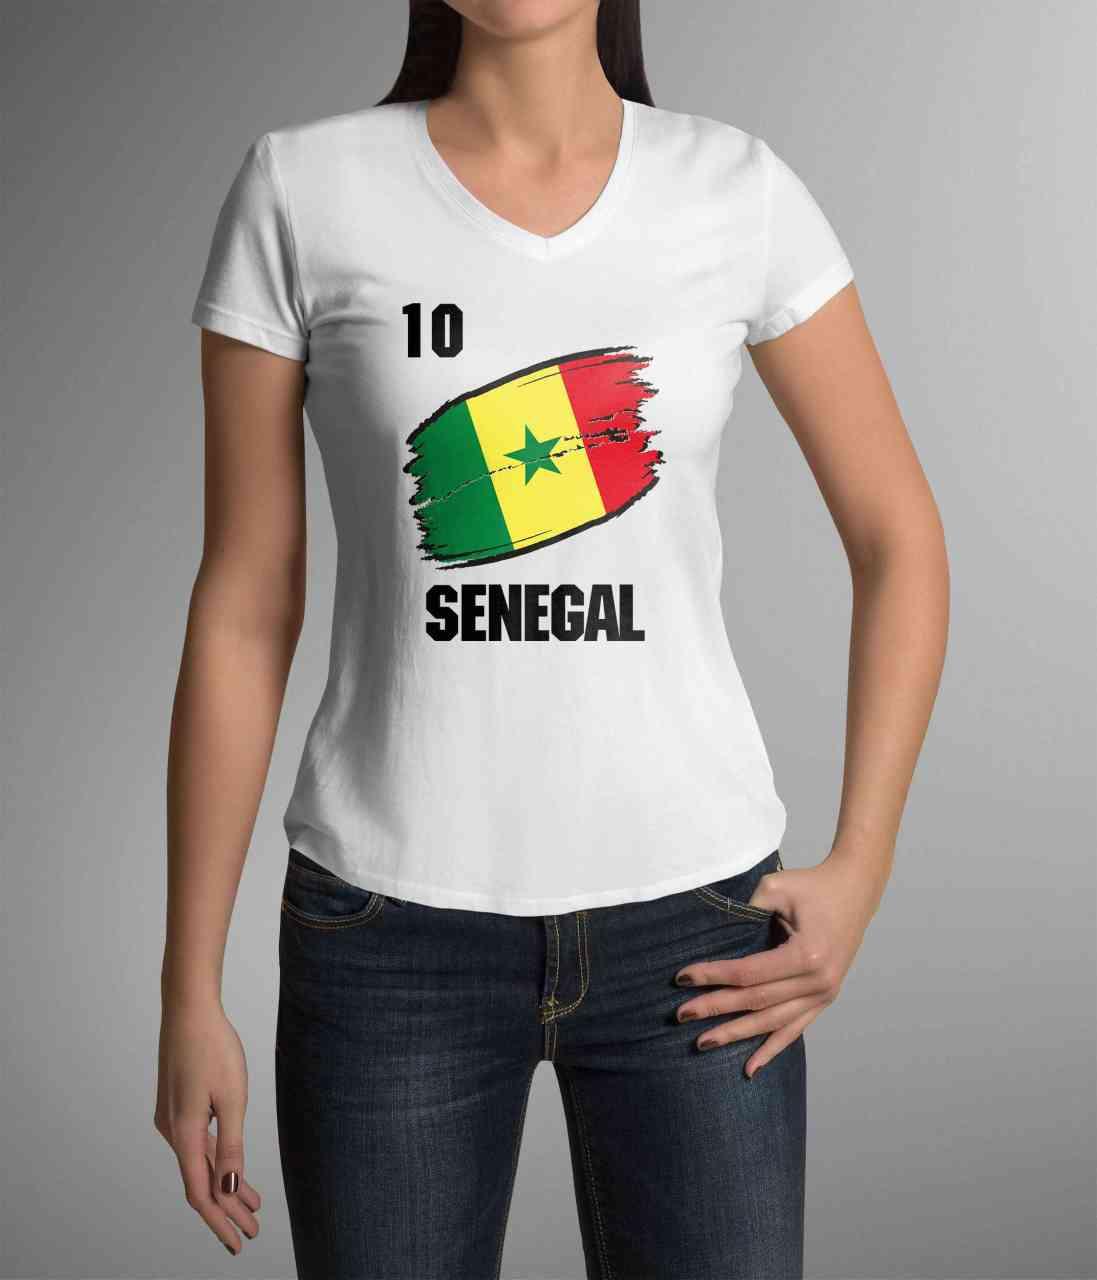 Senegal | Männer oder Frauen Trikot T - Shirt mit Wunsch Nummer + Wunsch Name | WM 2018